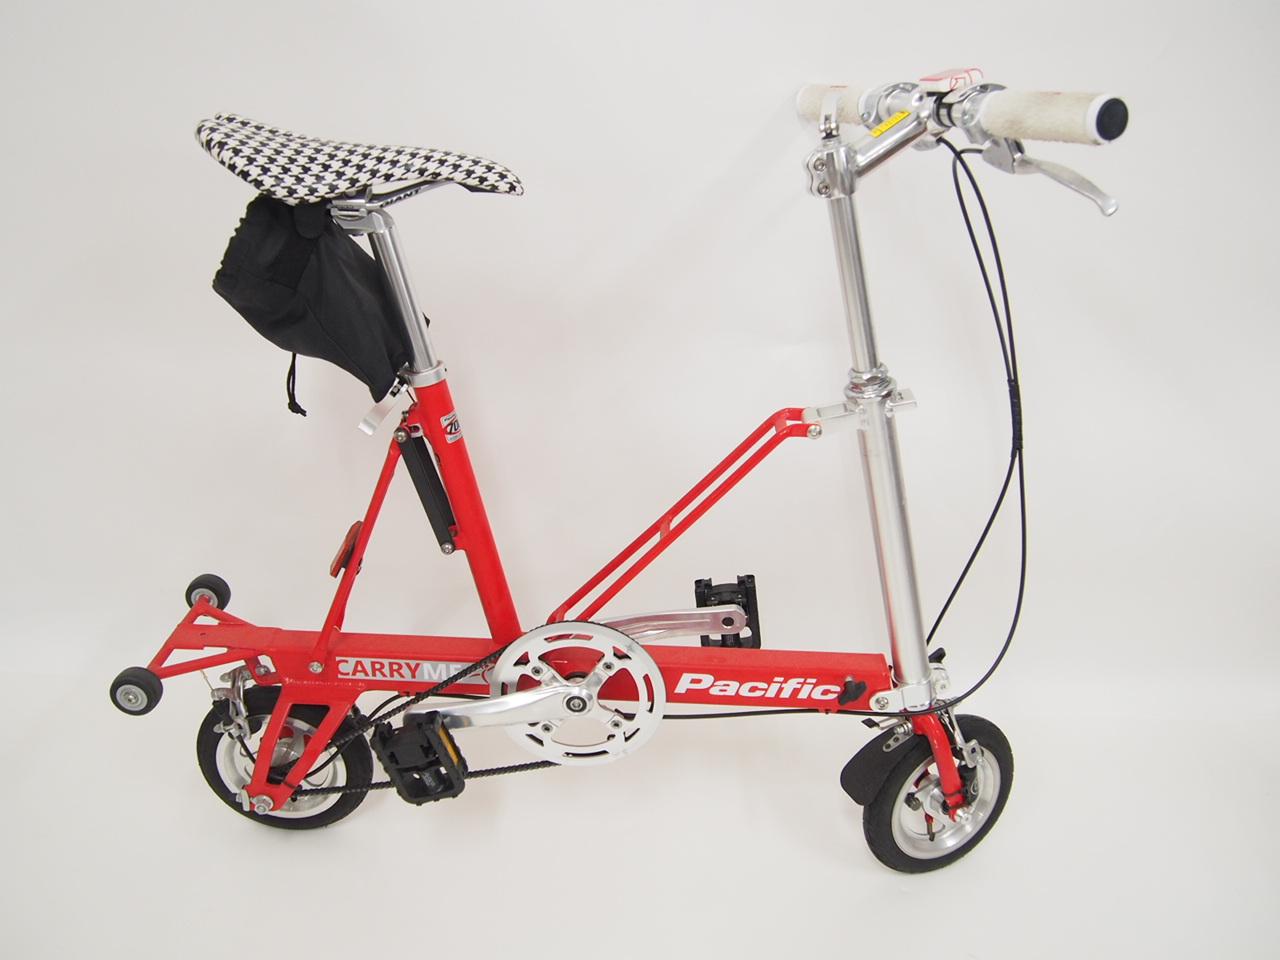 パシフィック サイクル 折りたたみ自転車 CARRY-ME